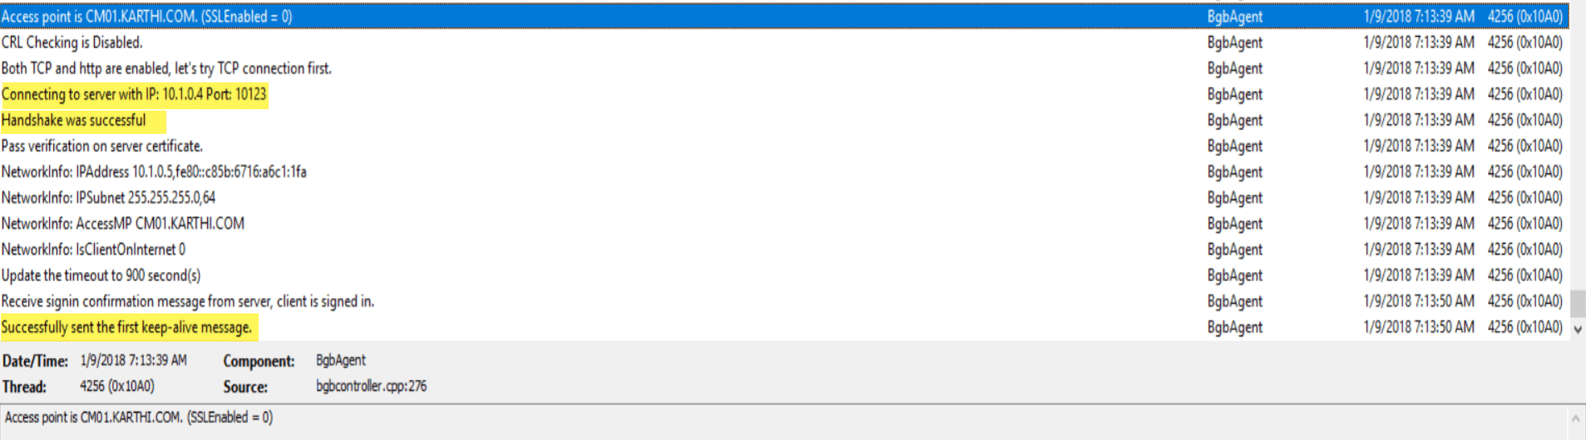 SCCM Client Online Status in SCCM Console Log 4